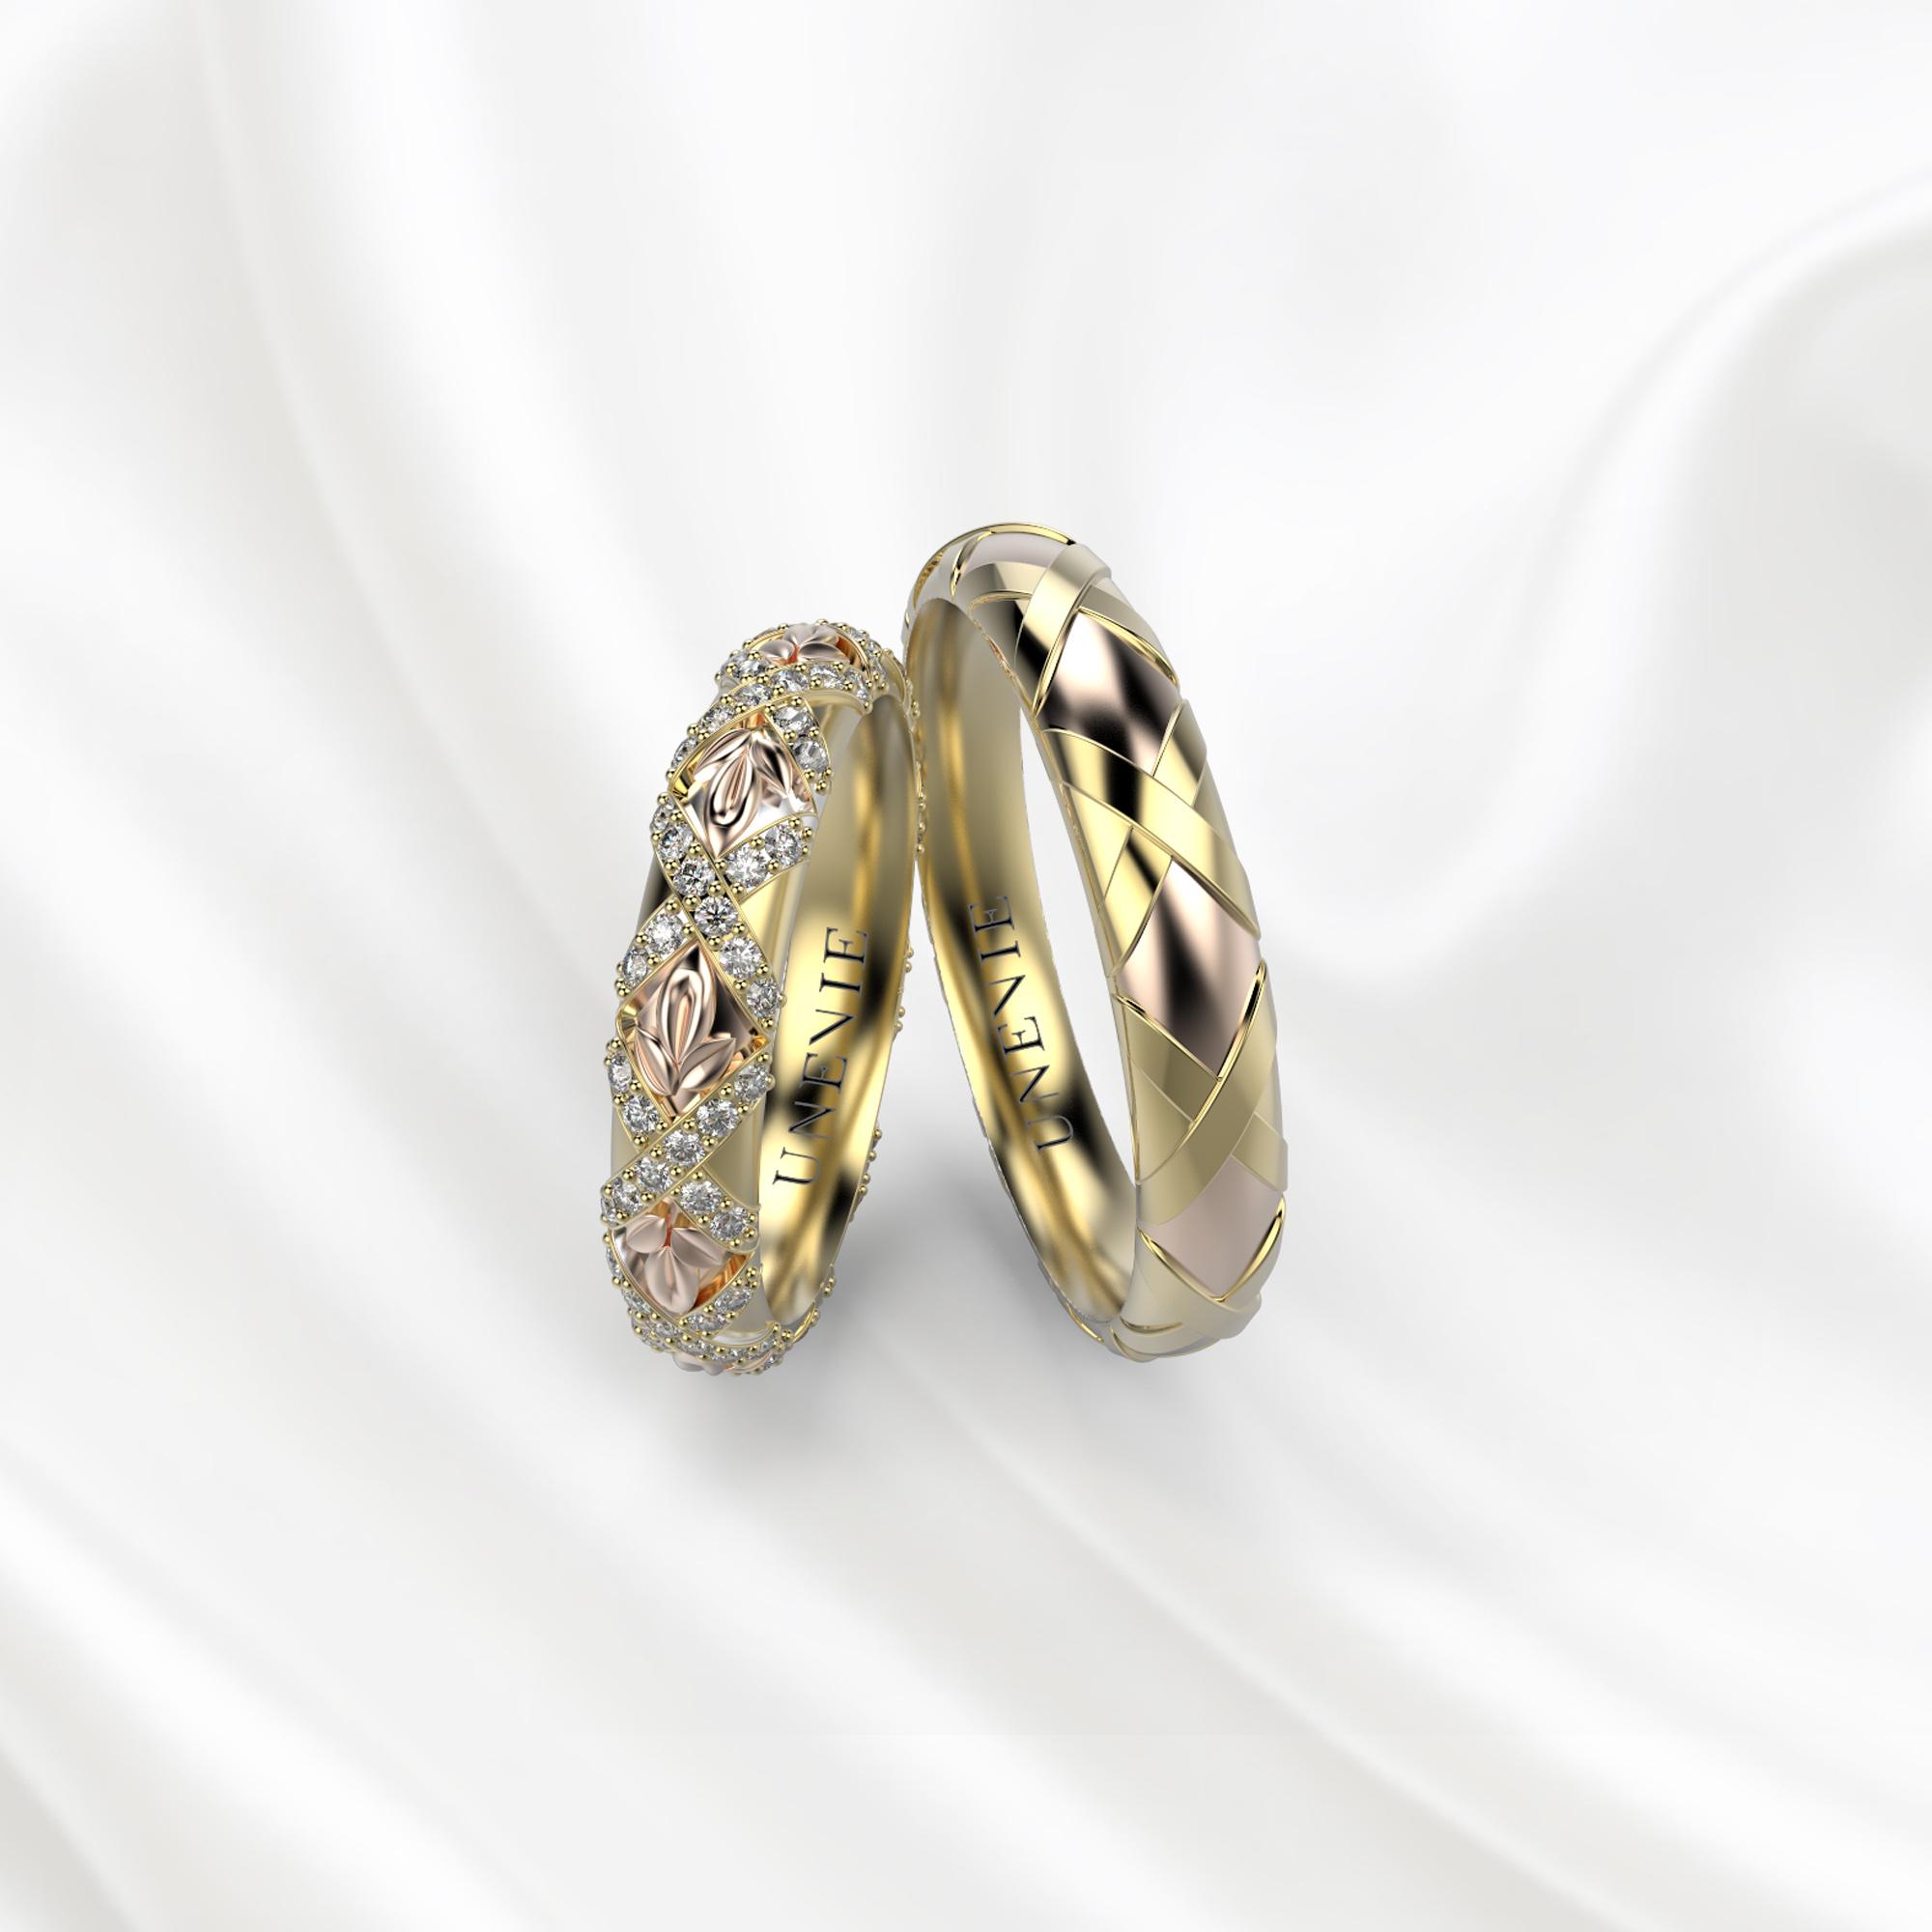 NV27 Обручальные кольца из жёлто-розового золота с бриллиантами